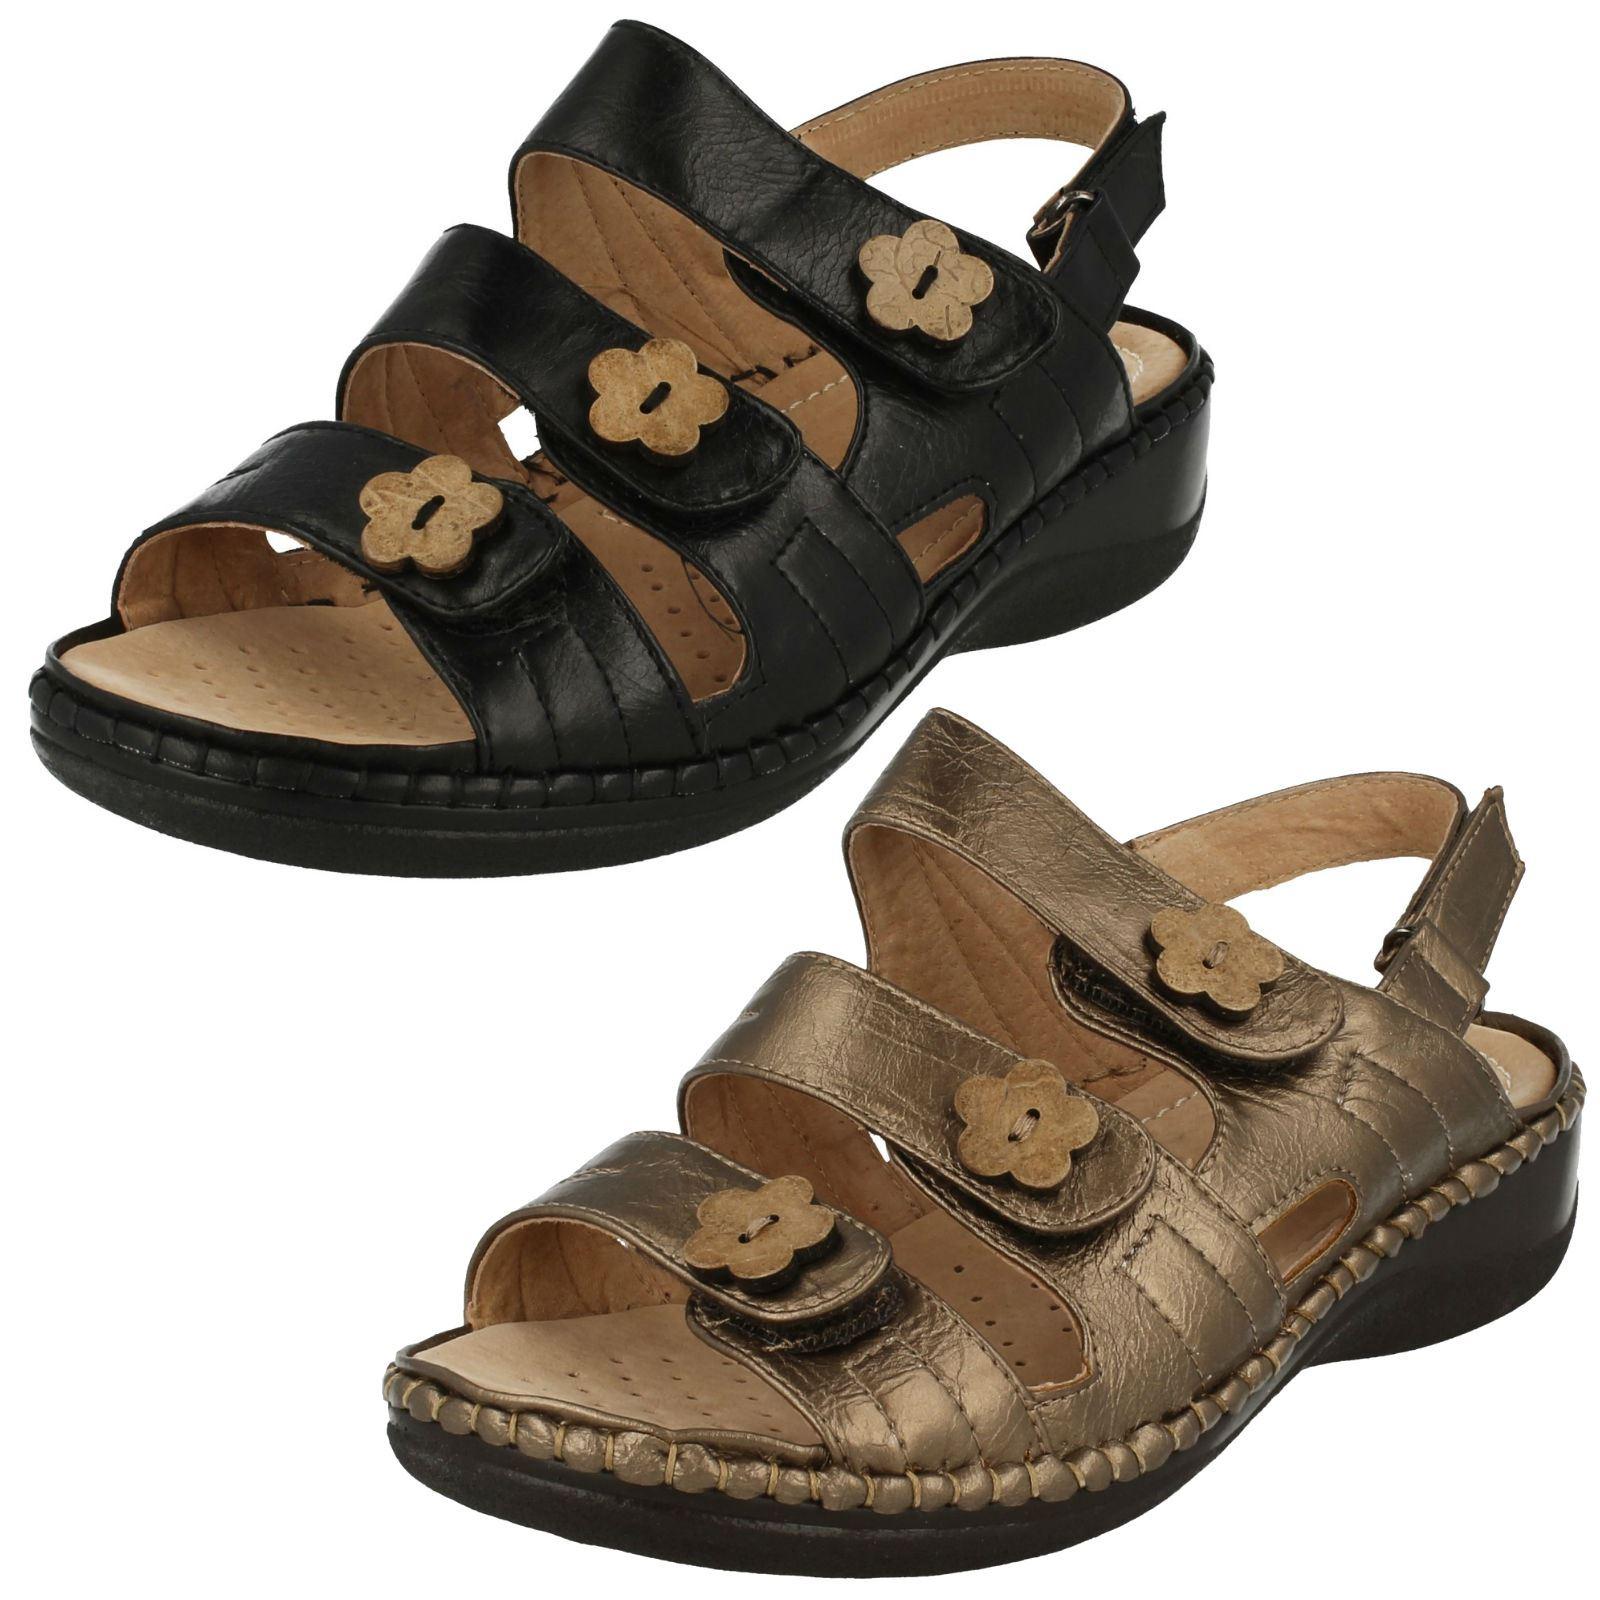 A buon mercatoDonna Sandpiper sandali casual SAVIC sulla vendita